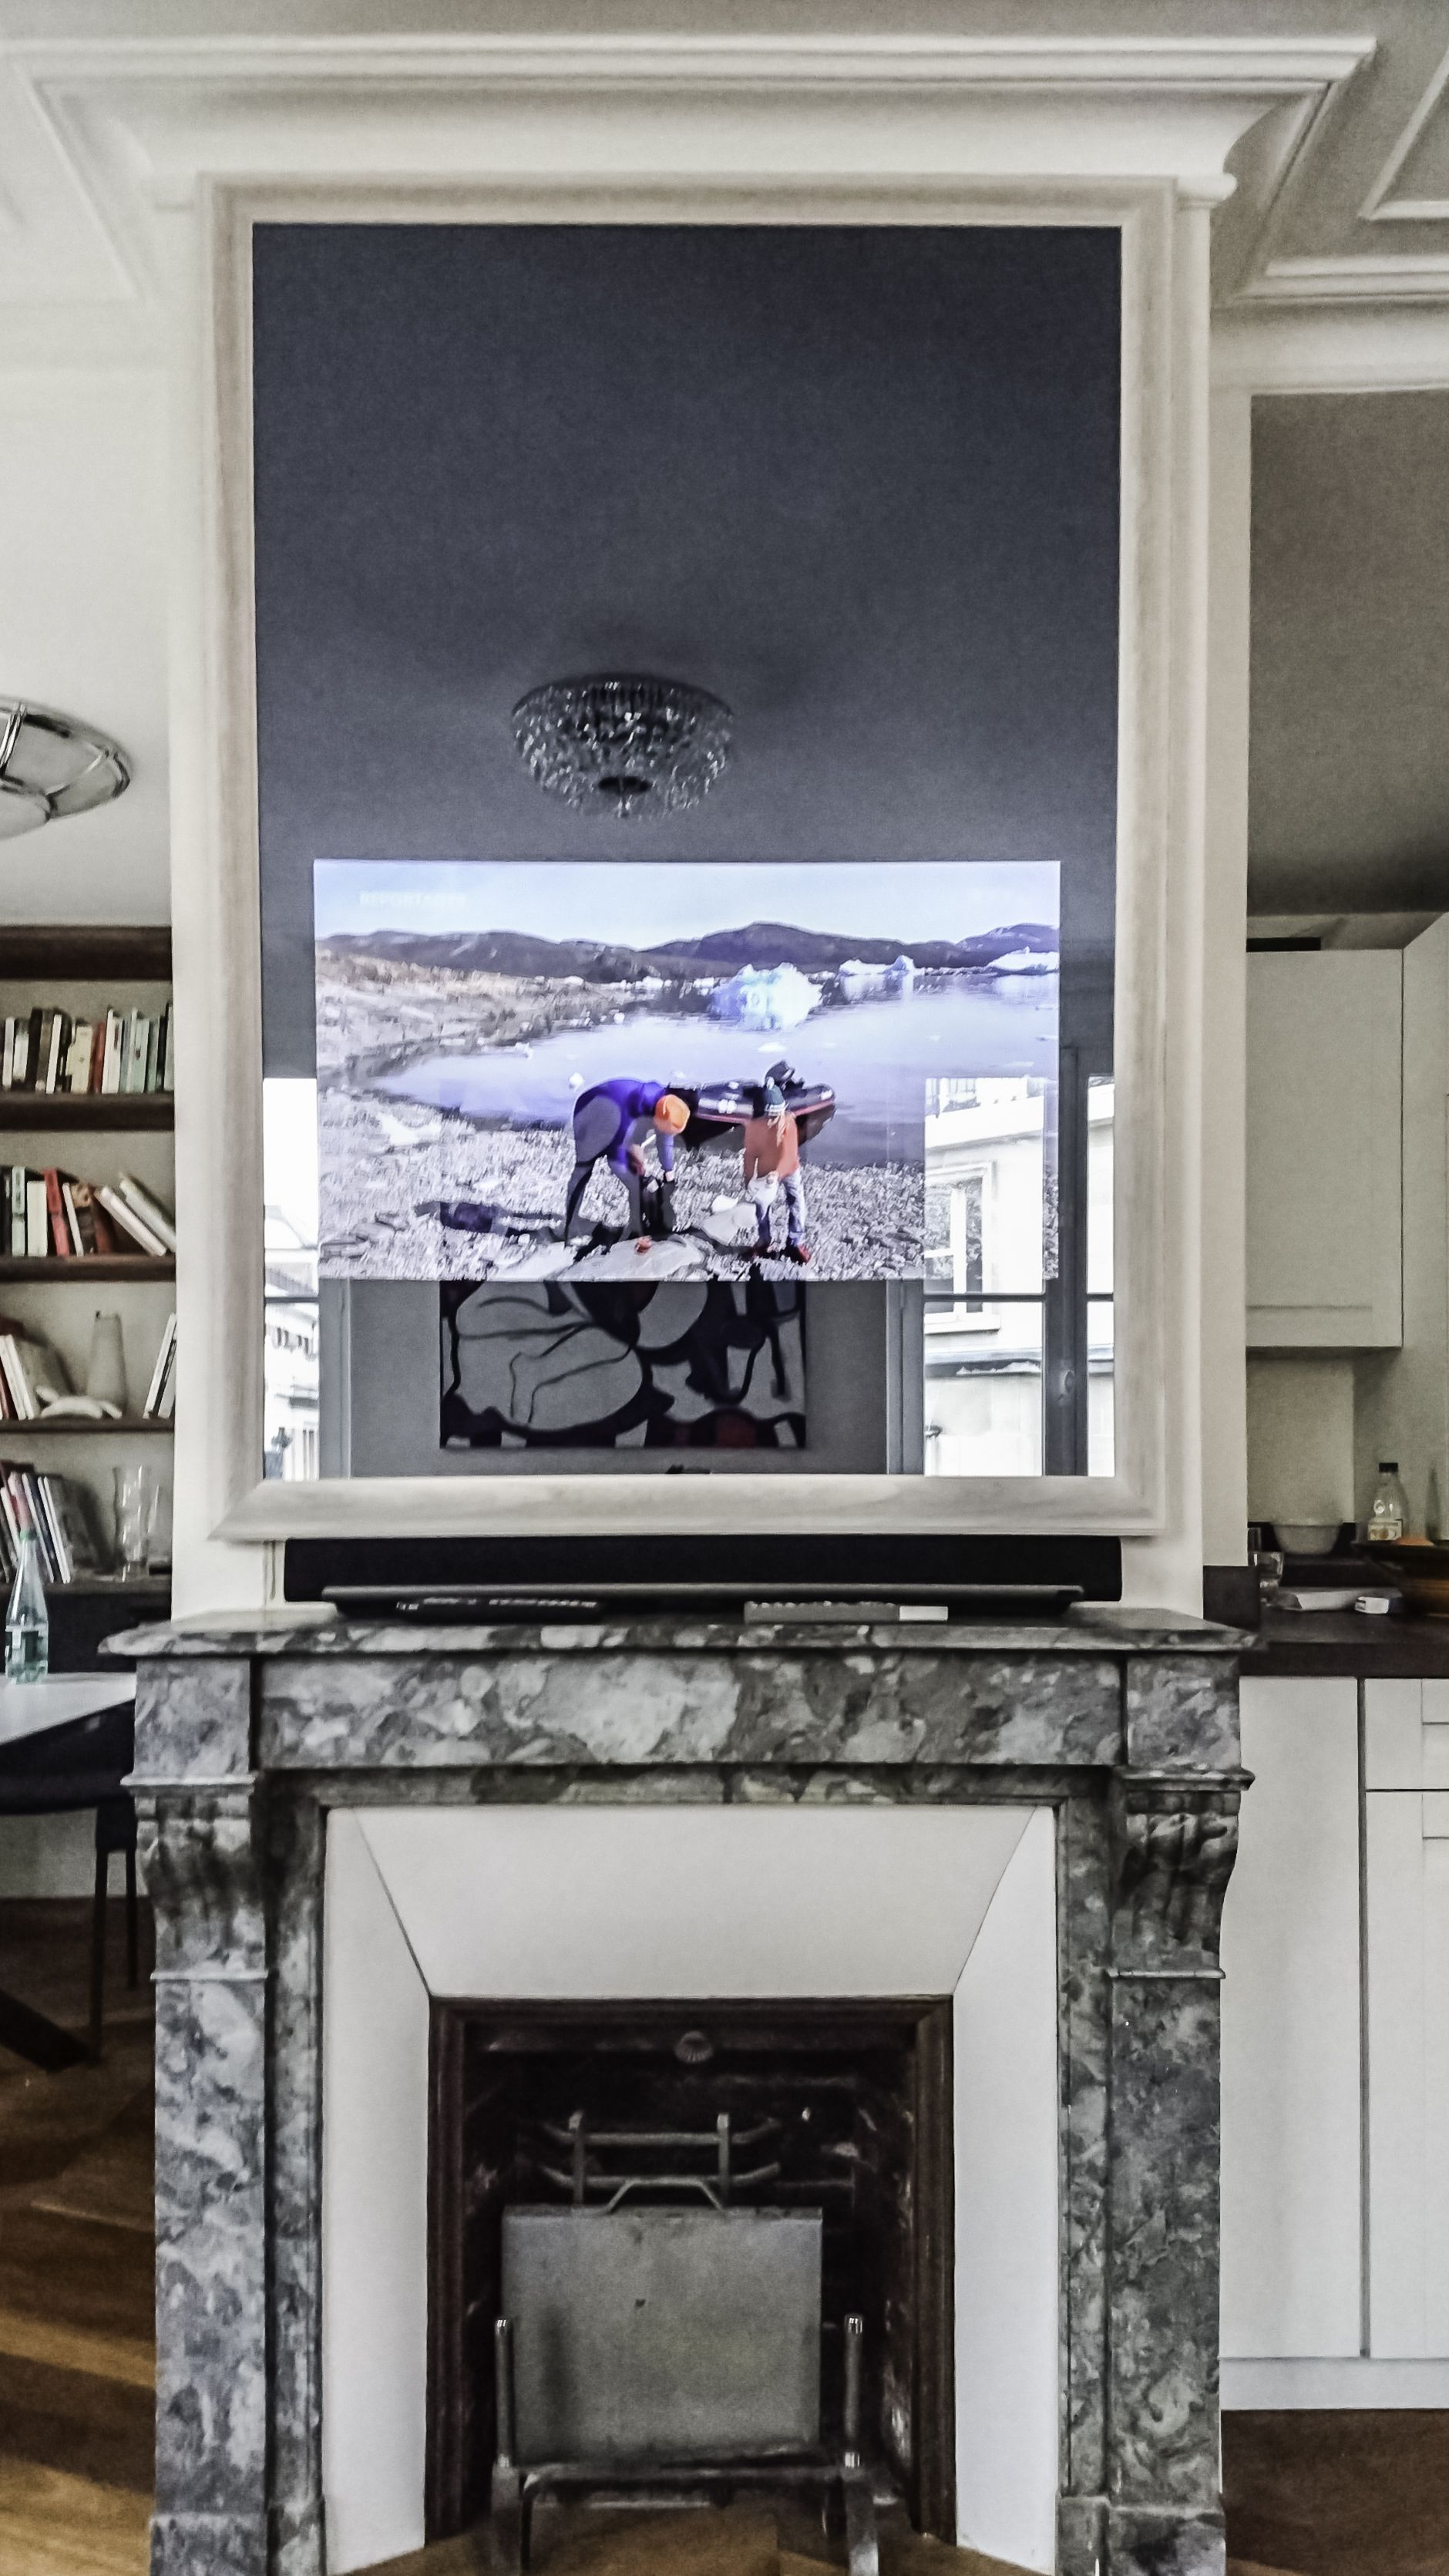 Miroir Tv So Concept De 110×155 Cm Avec Un Cadre Tv Blanc Pour  # Comment Cacher Les Cables Tv